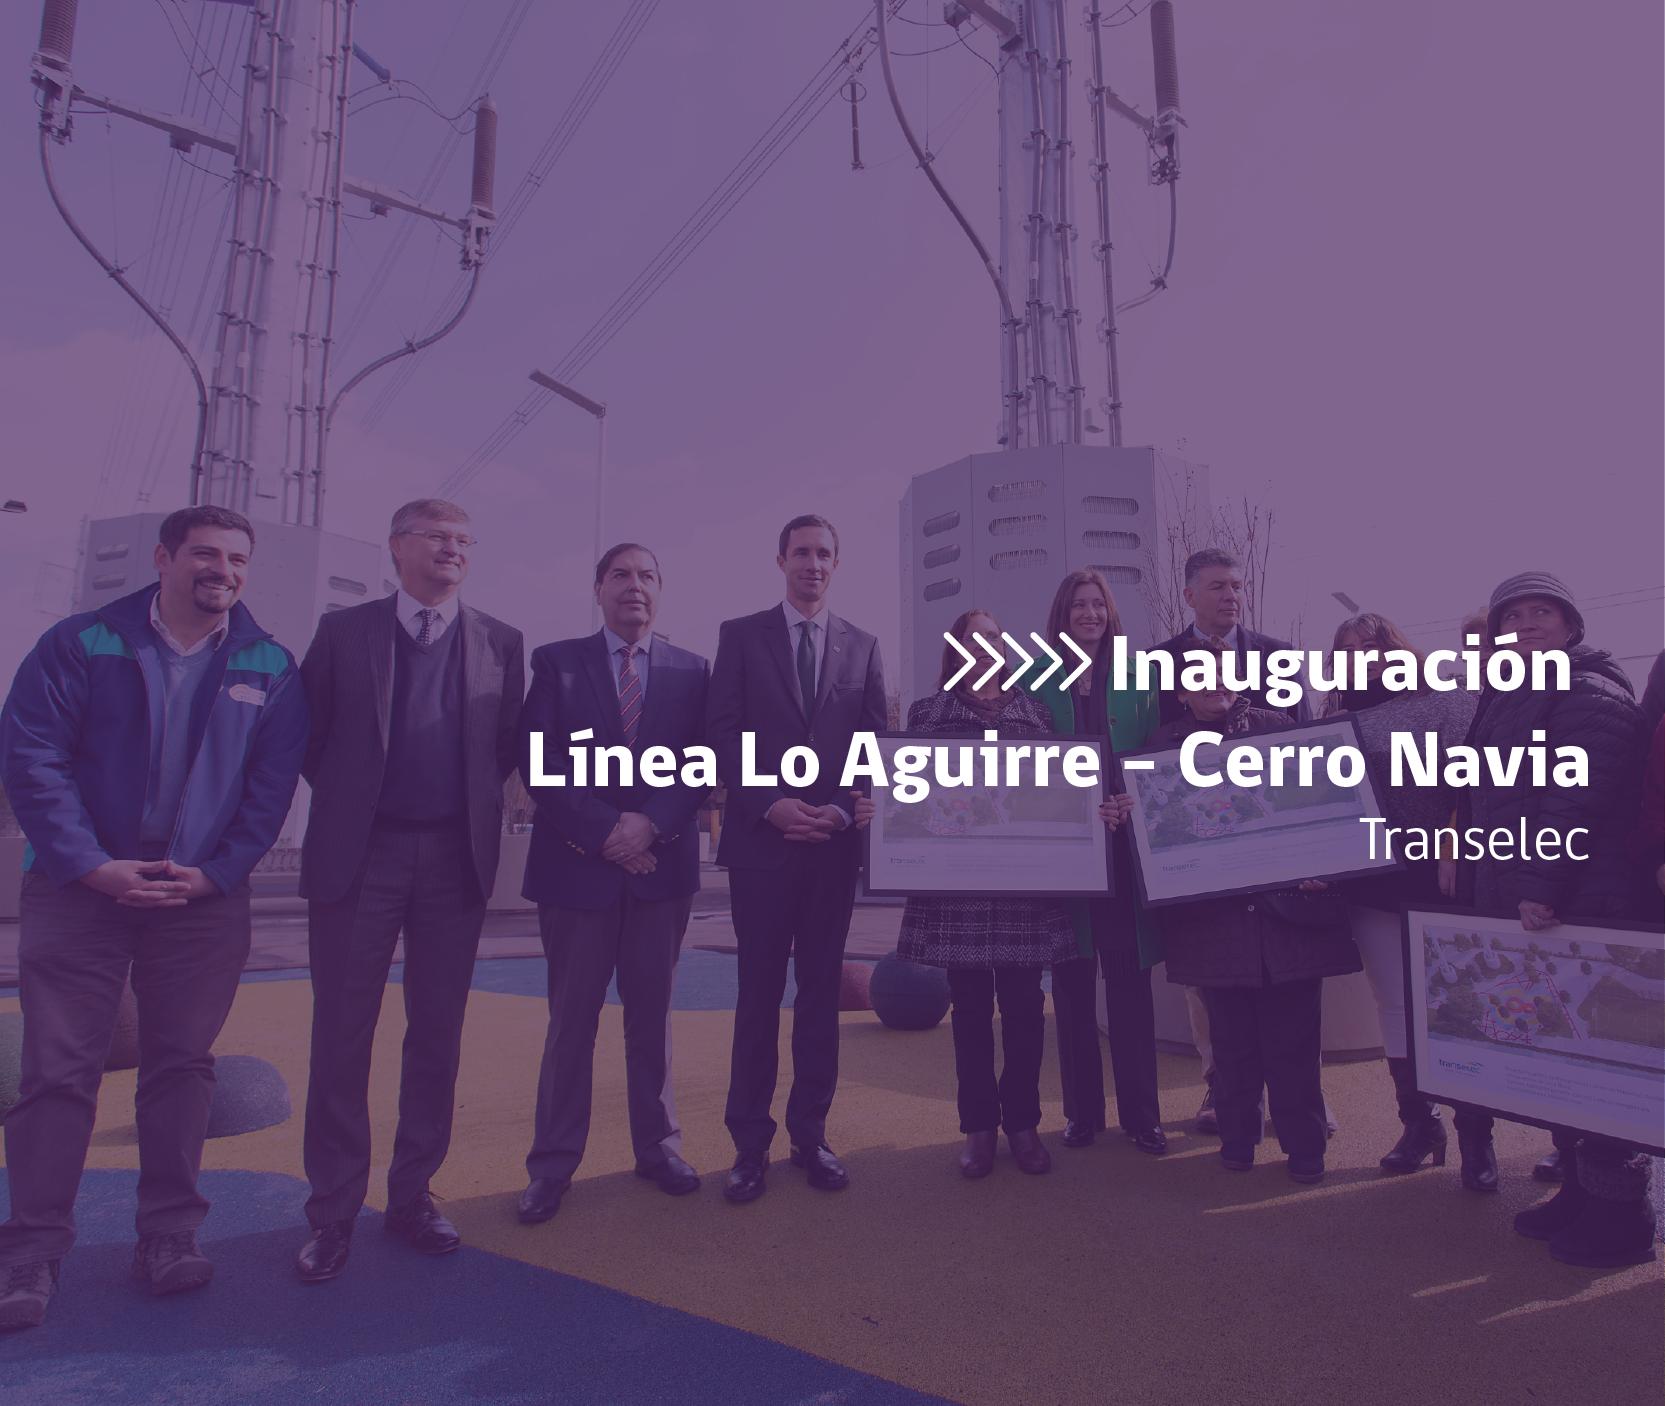 Inauguración de Línea Lo Aguirre - Cerro Navia organizado por Transelec y producido por CProducciones en Cerro Navia